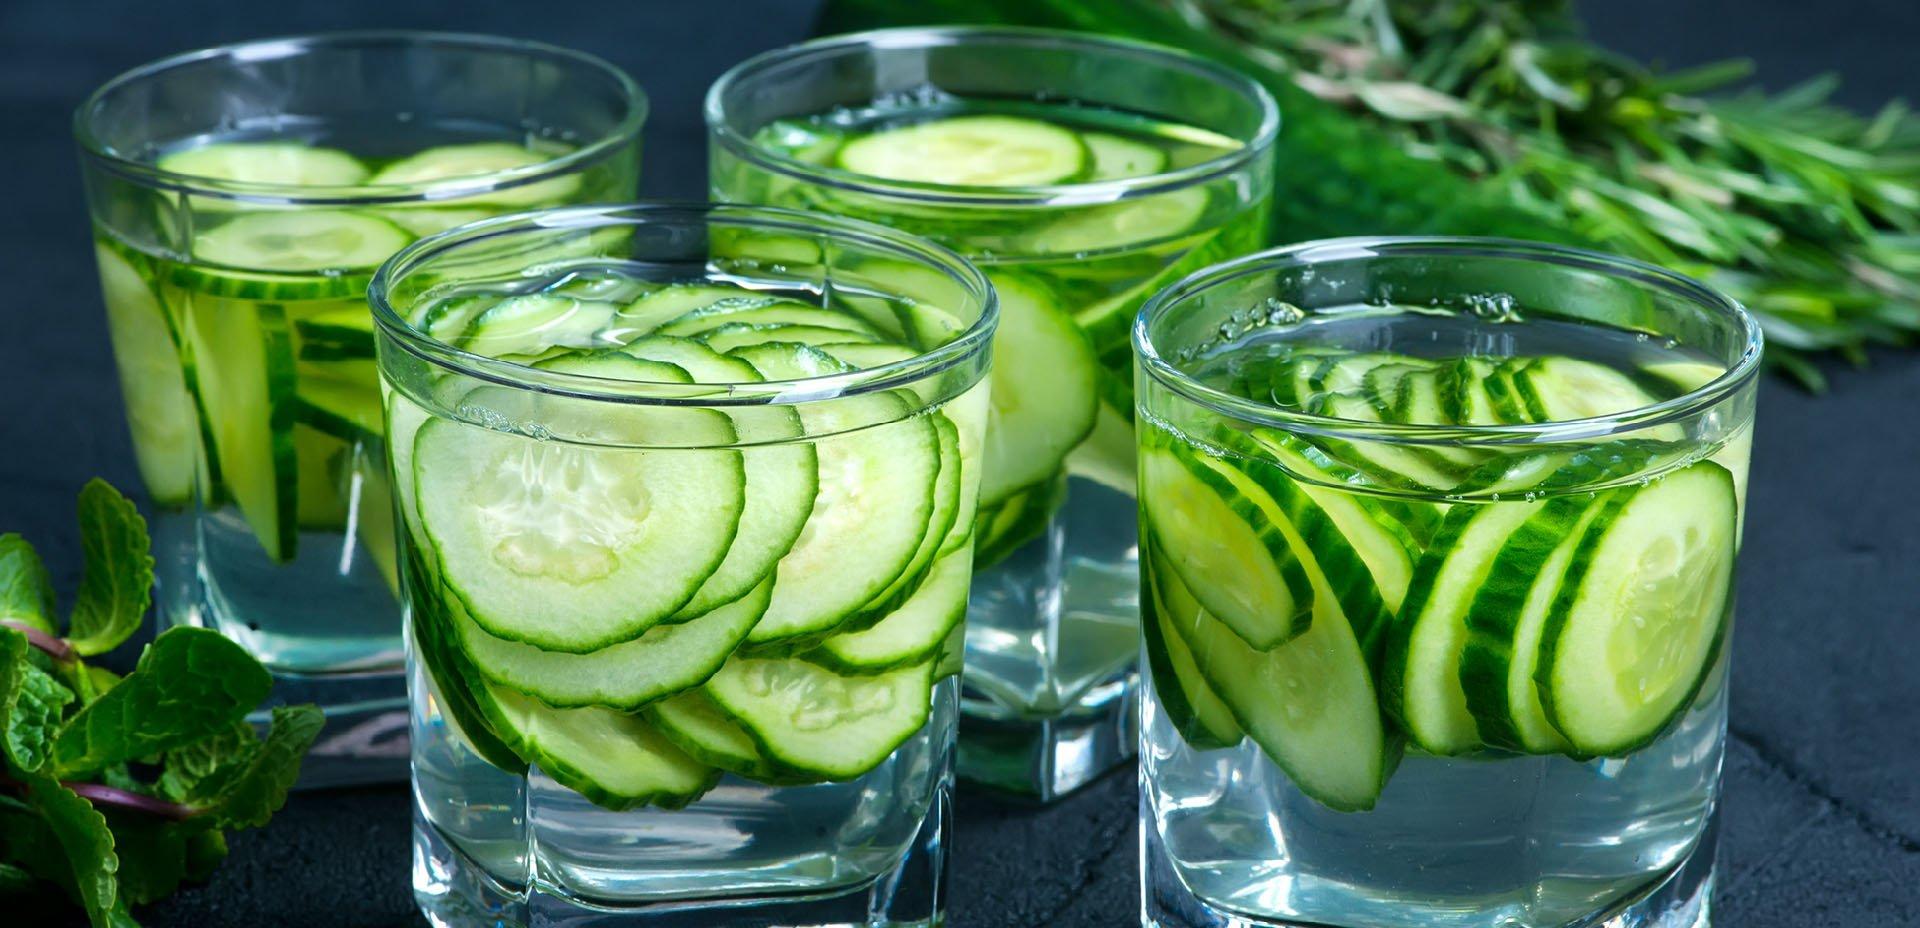 acqua aromatizzata al cetriolo